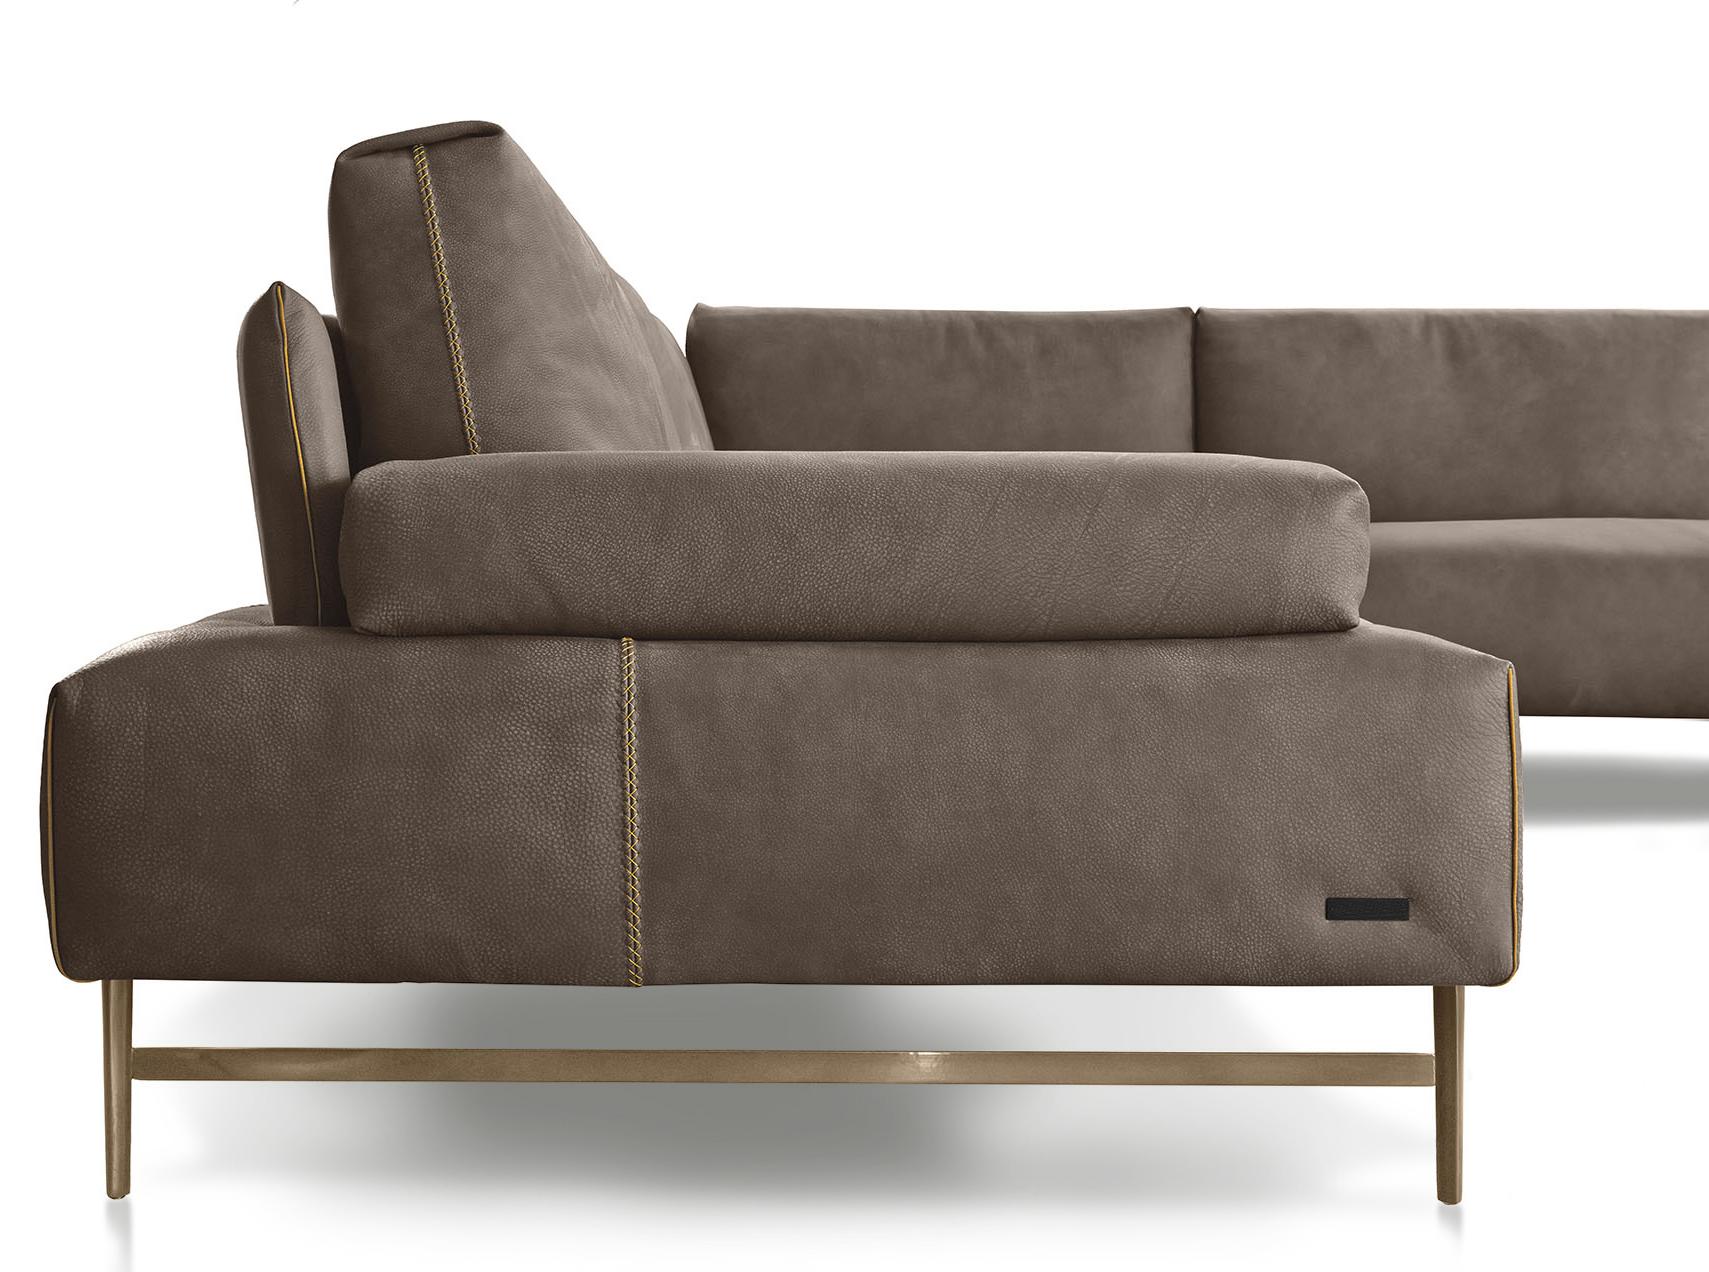 Saks Lounge